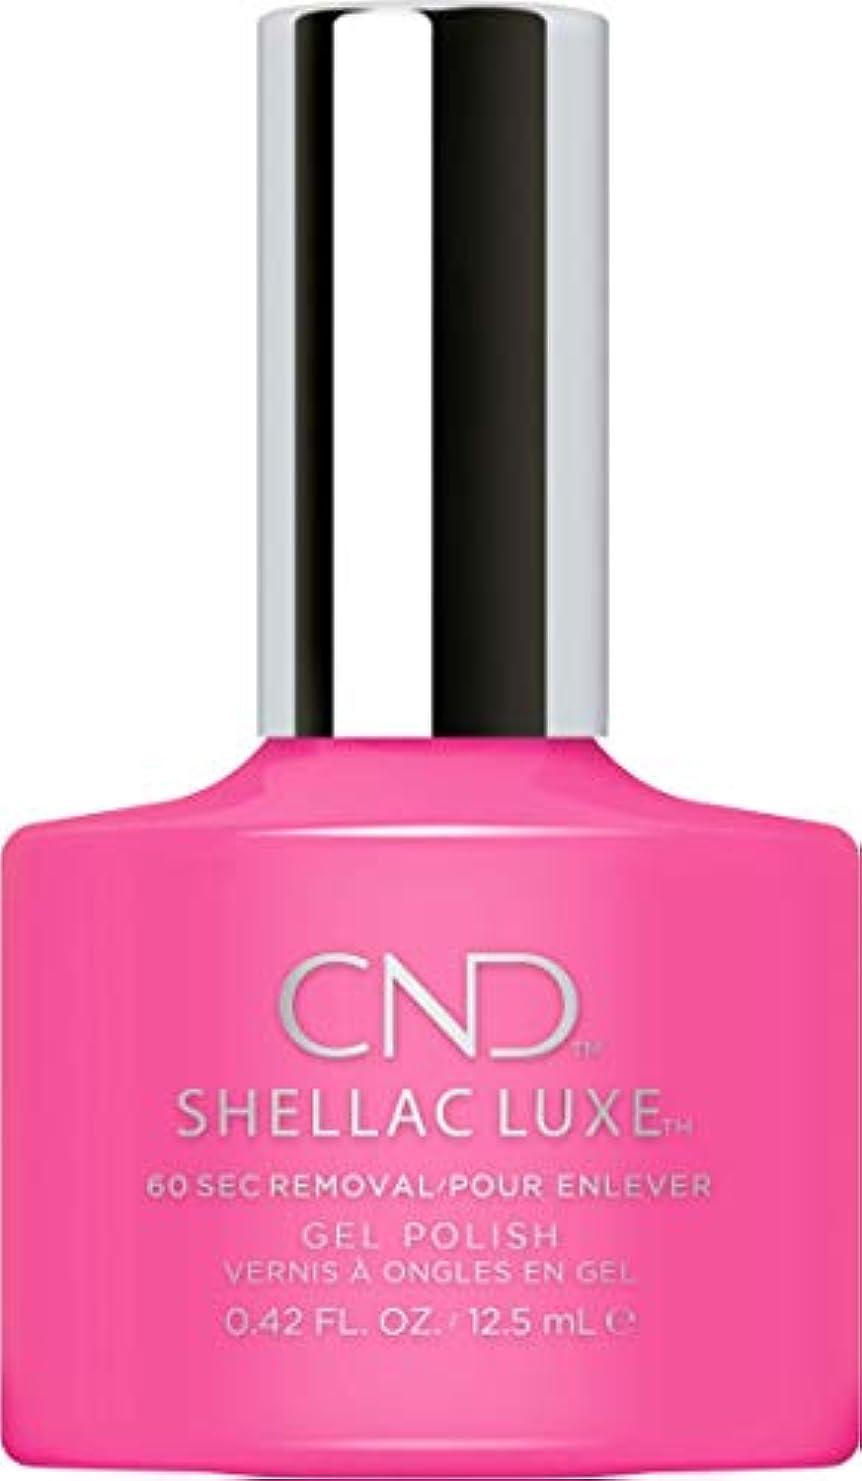 やけどご予約荒野CND Shellac Luxe - Hot Pop Pink - 12.5 ml / 0.42 oz